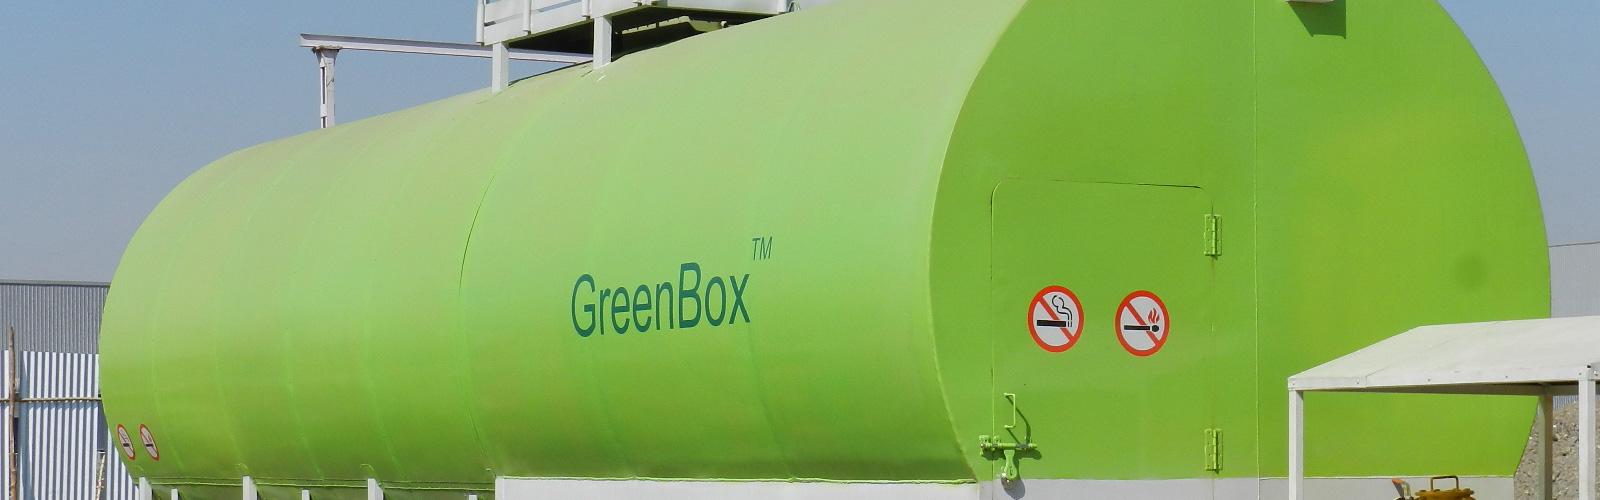 greenbox-home1